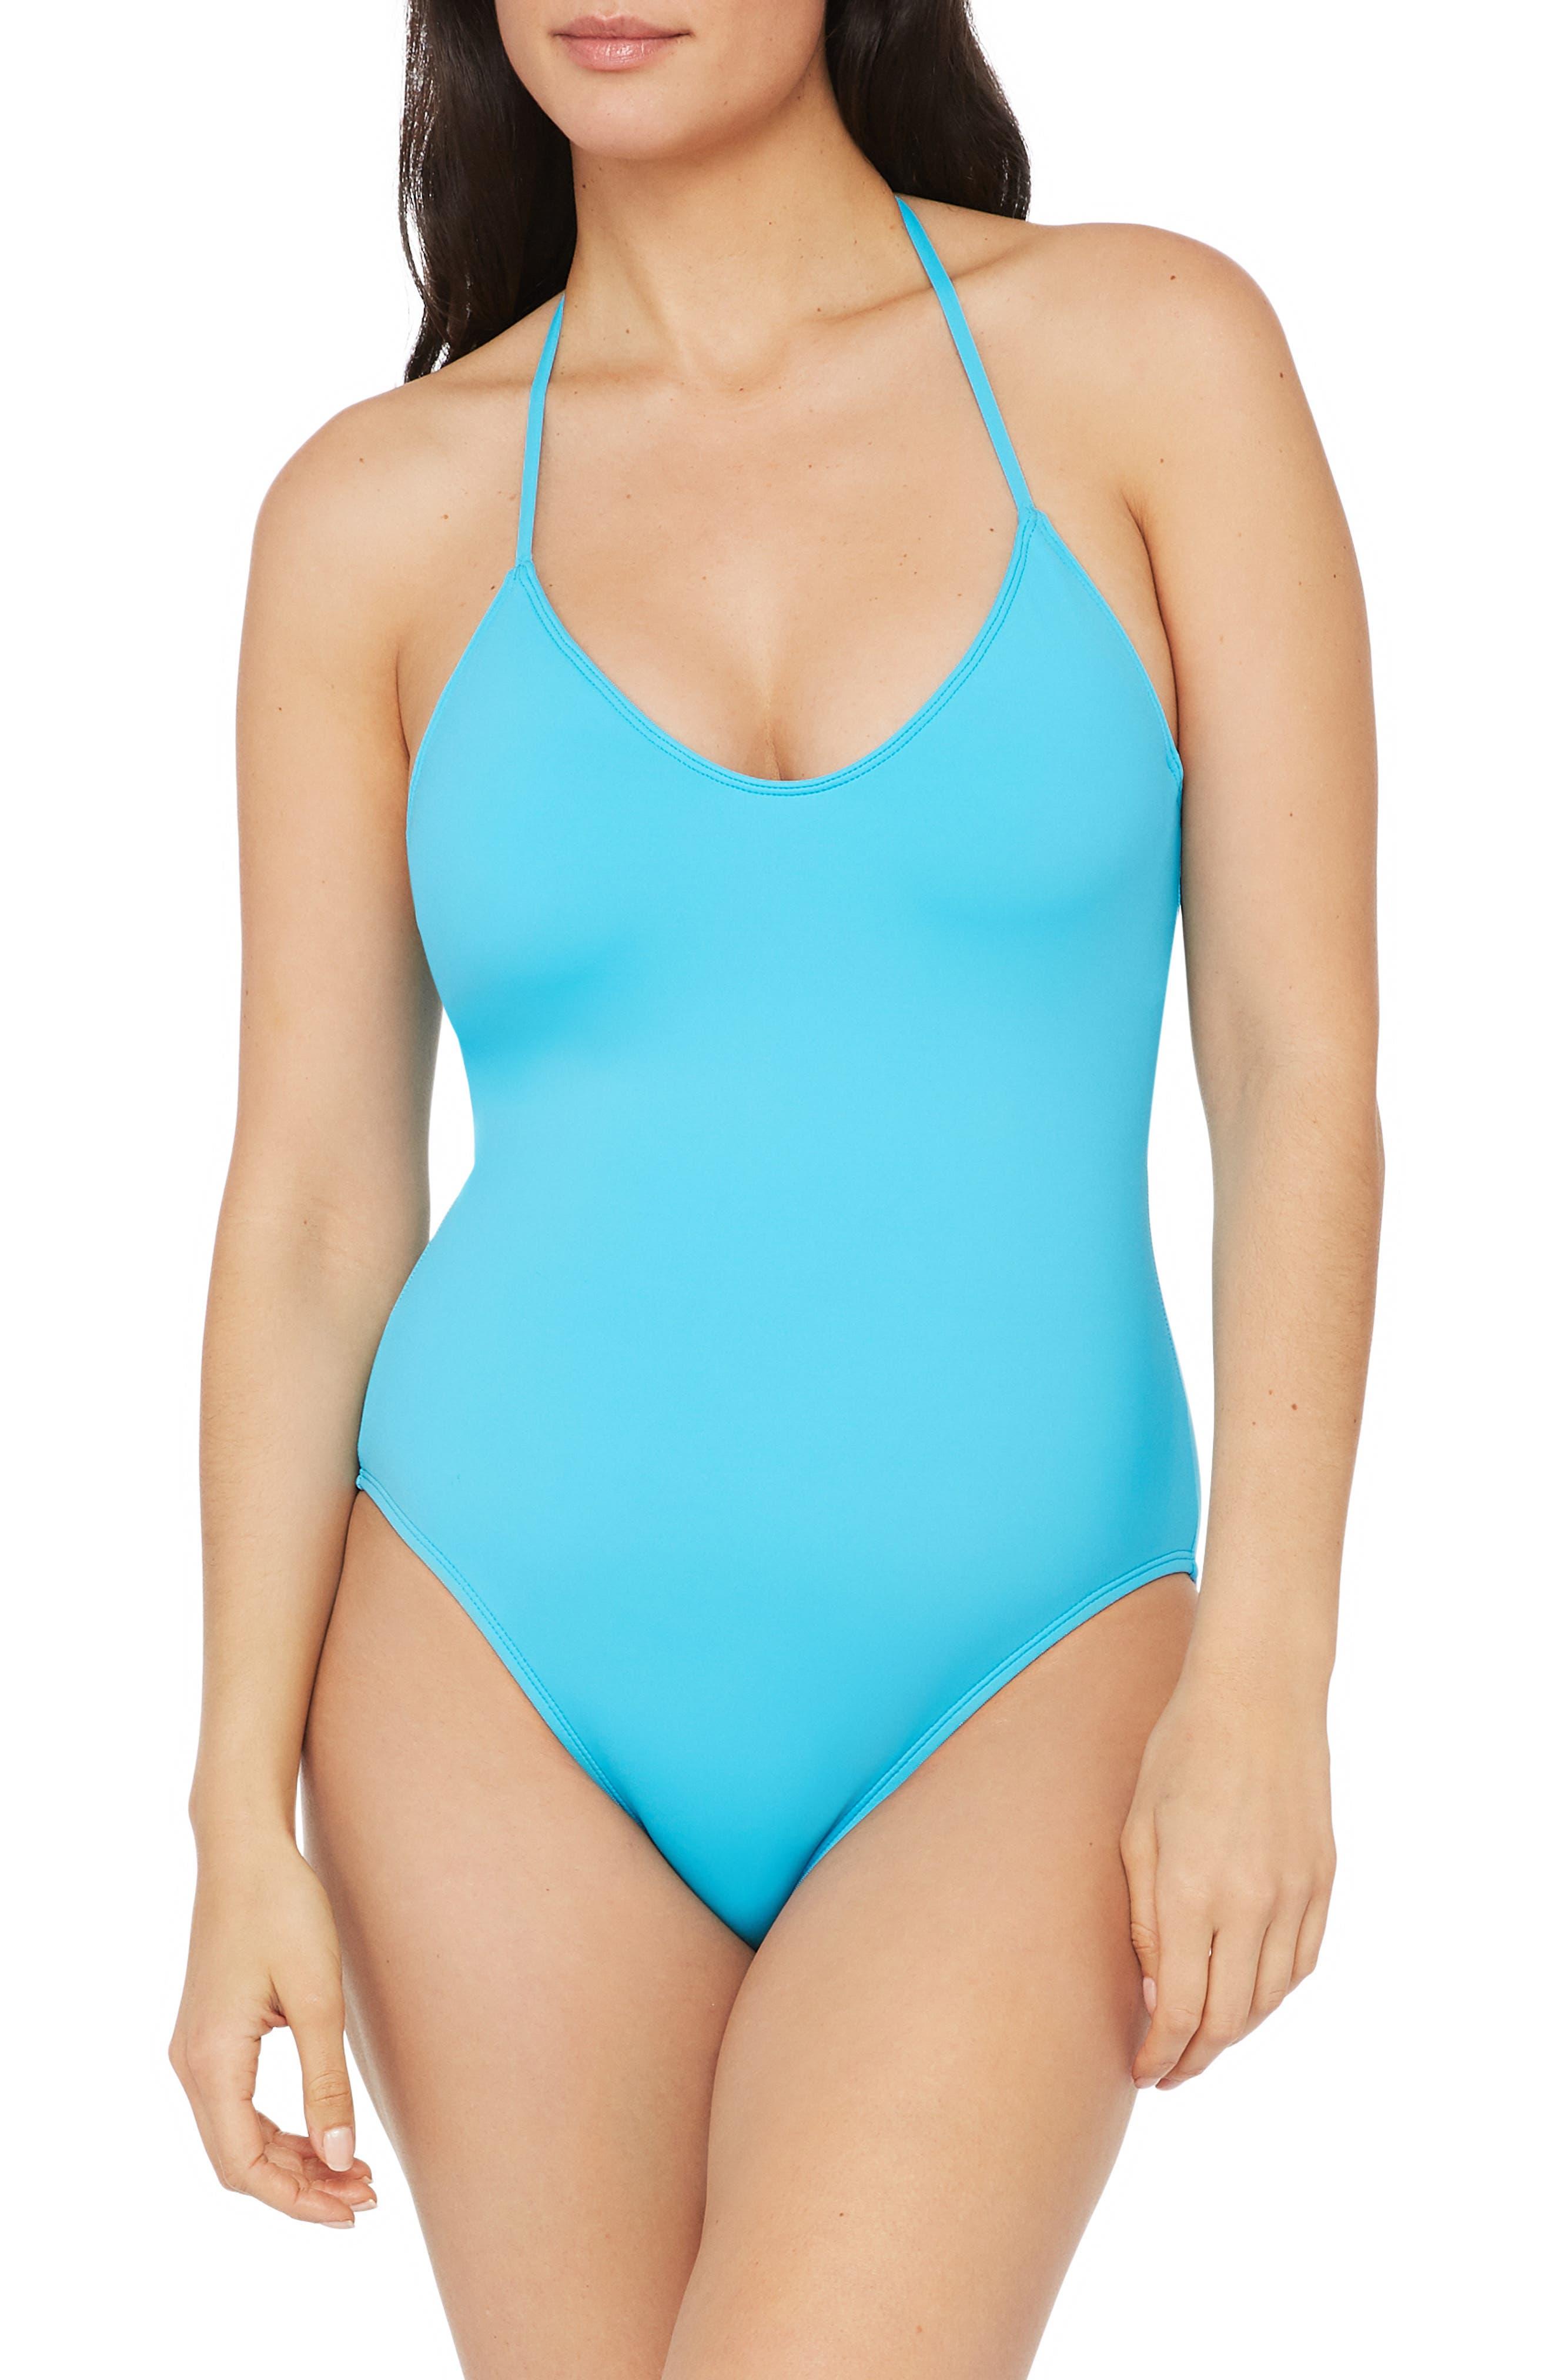 Esqlotre Women Halter One-Piece Padded Polka Dot Patchwork Swimdress Skirt Swimsuit